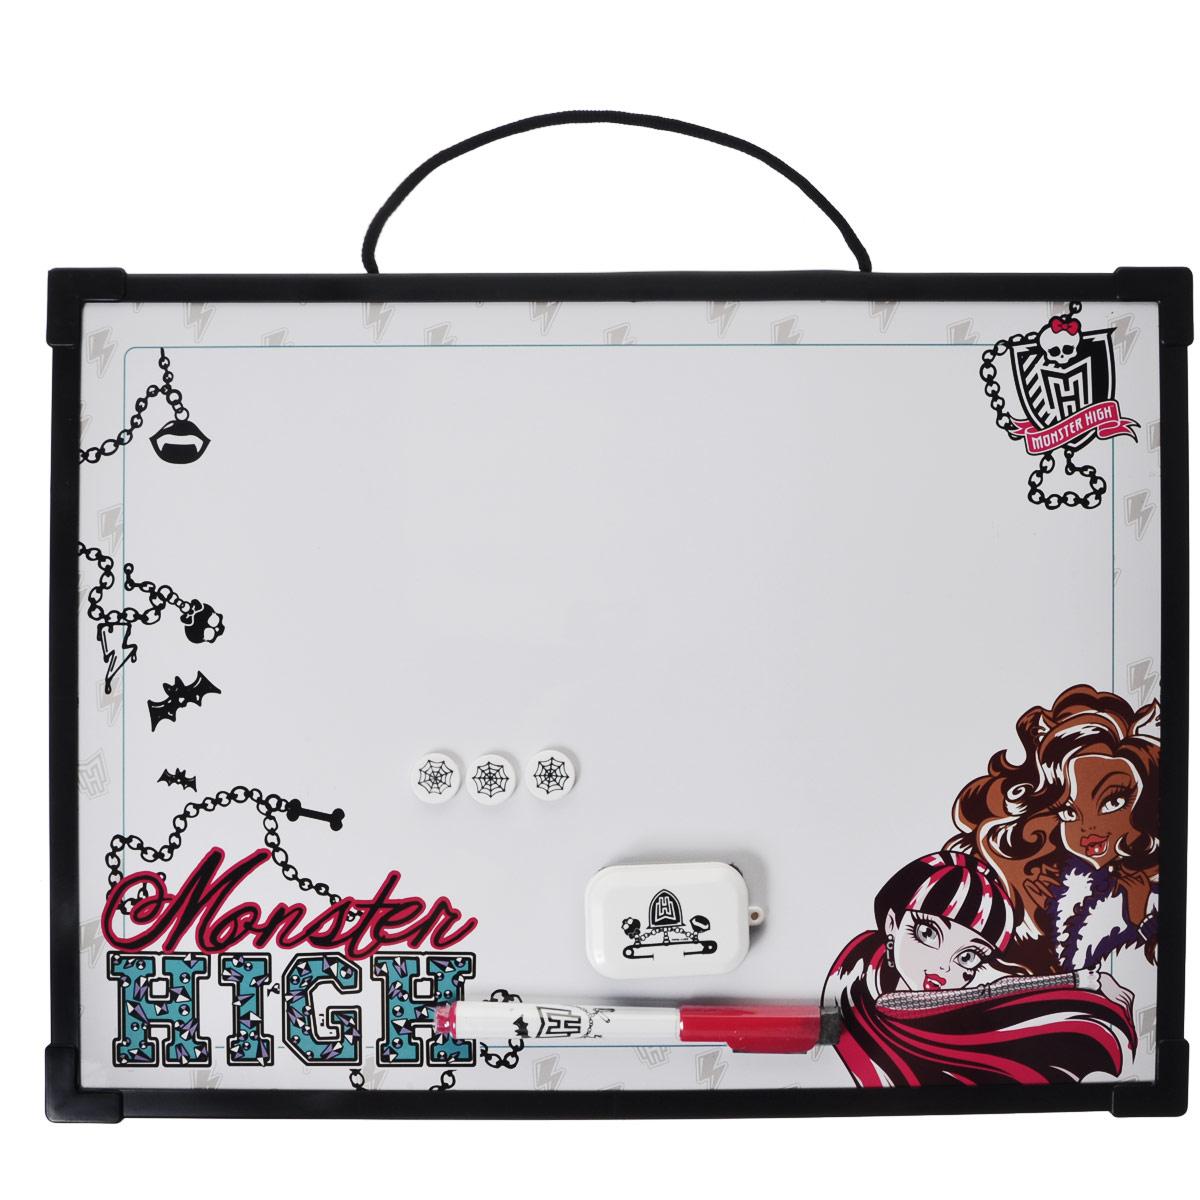 Доска магнитно-маркерная Monster High, цвет: черный, с аксессуарамиMHBB-US1-Z150098Магнитно-маркерная доска Monster High - прекрасный способ для развития творческих и мыслительных способностей ребенка. Края доски обрамлены пластиком, который защищает ее от повреждений. В комплекте с доской предусмотрены специальный маркер с колпачком-стеркой из фетра, три круглых магнита и специальная губка для стирания записей и рисунков. Доска оформлена изображением персонажей мультсериала Школа Монстров и имеет удобную веревочную петлю для подвешивания. Чернила маркера безопасные и нетоксичные. Магнитно-маркерная доска Monster High отлично подойдет для игр и учебы.